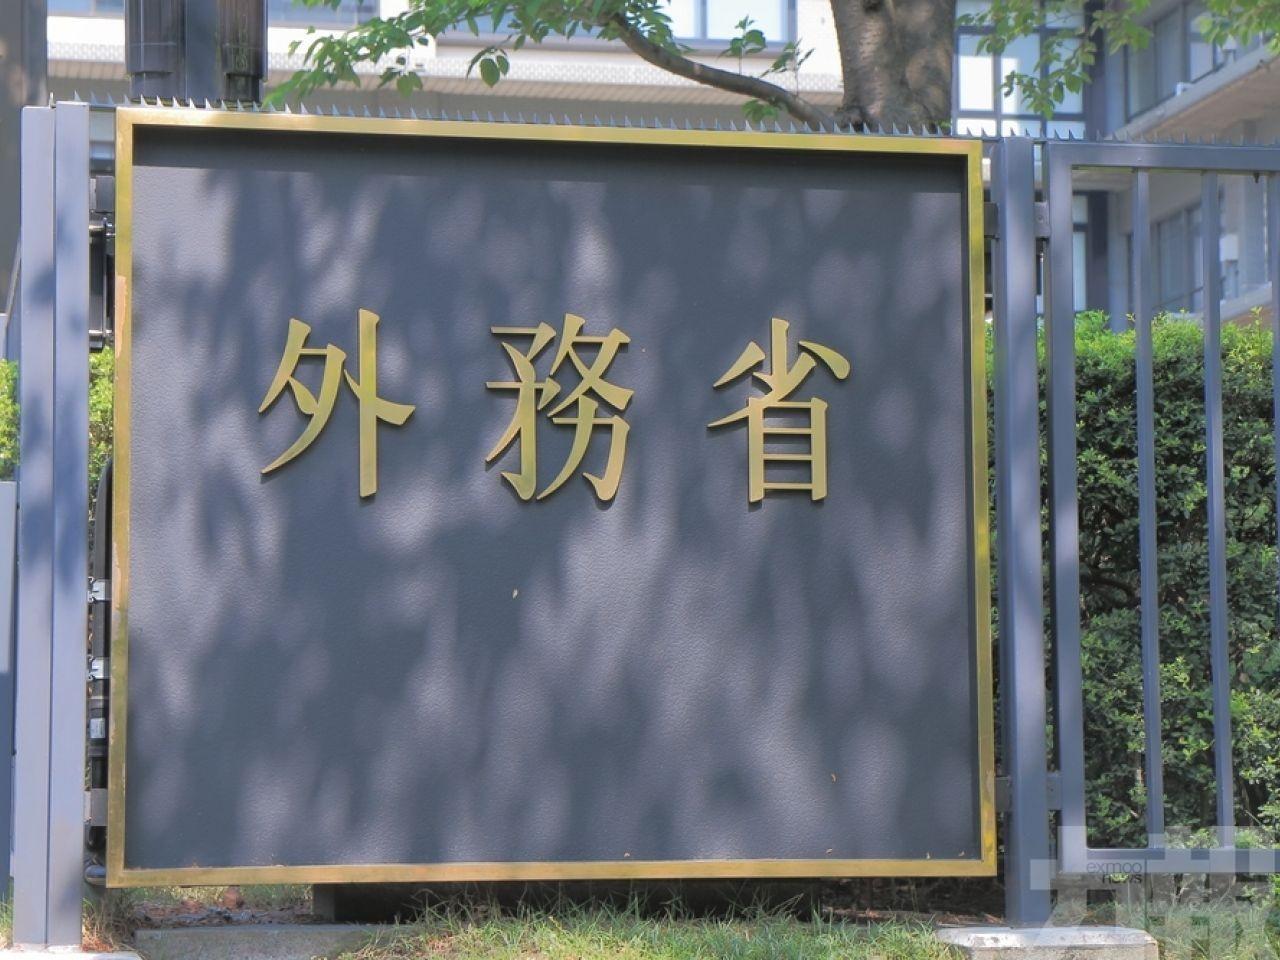 日本向港發警示籲注意安全